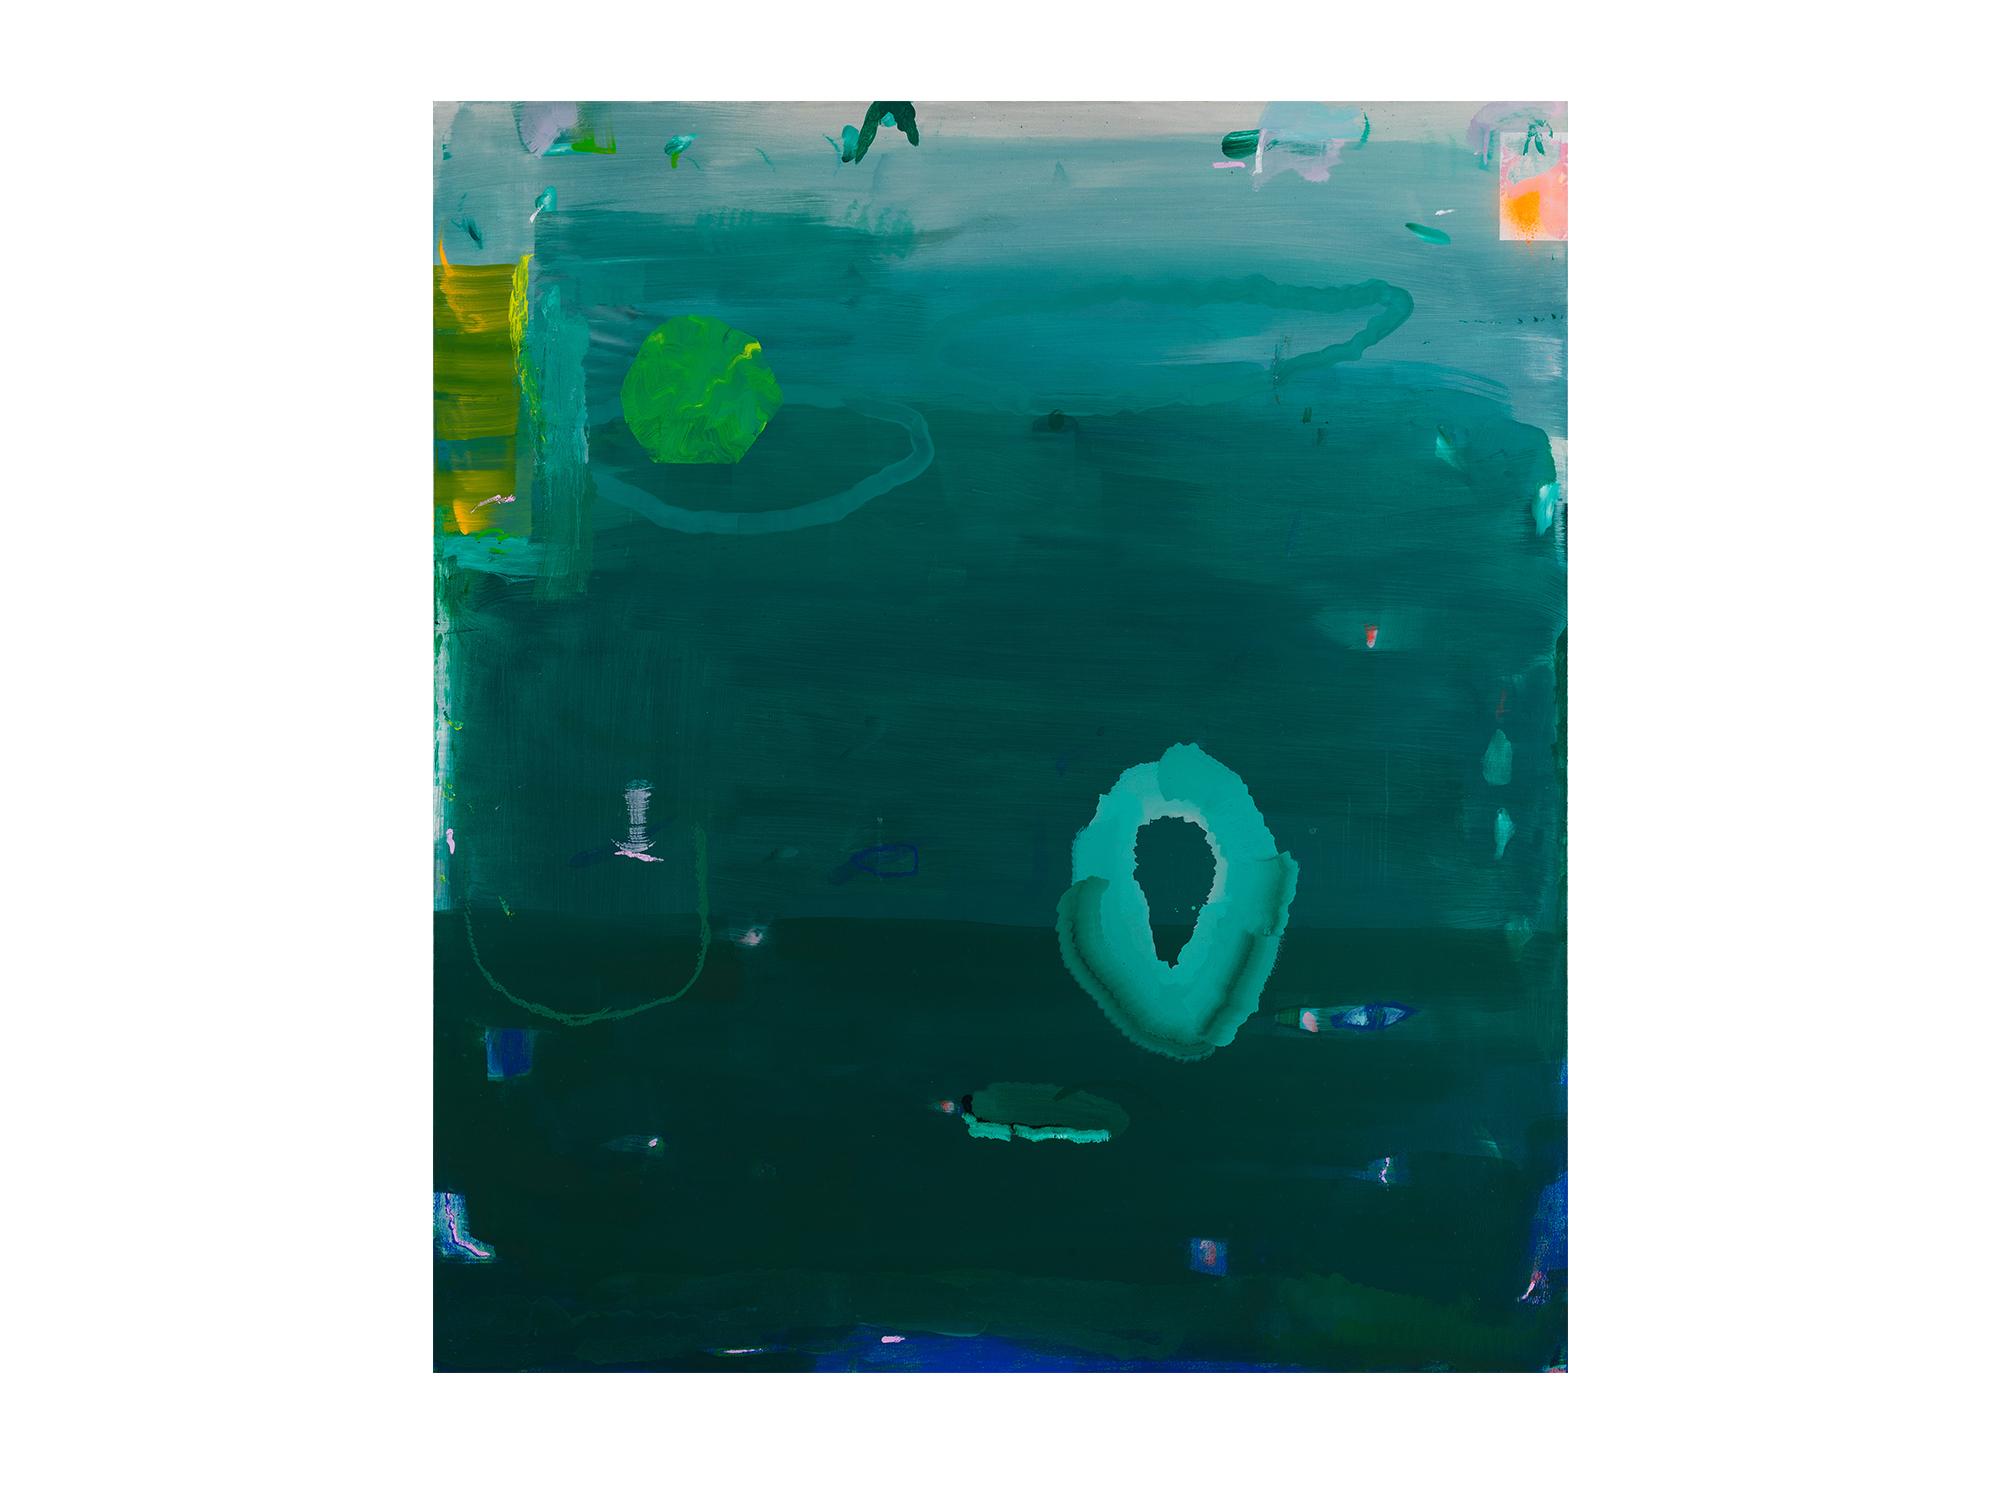 Miranda Skoczek   A River Moving in Me,  2017 oil and enamel spray paint on linen 156 x 140cm framed